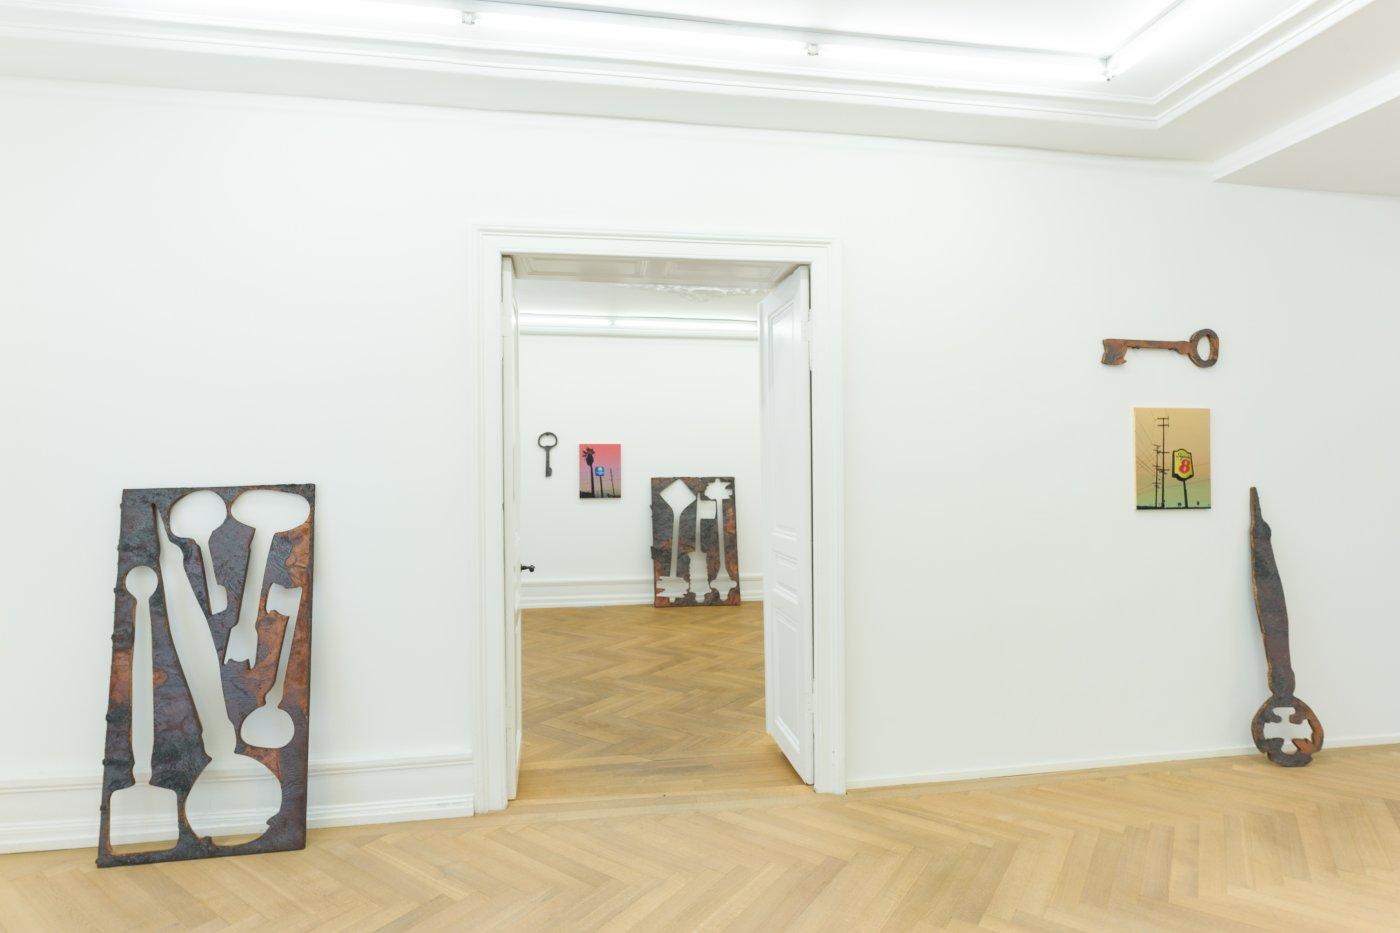 Mai 36 Galerie Rita McBride Glen Rubsamen 2